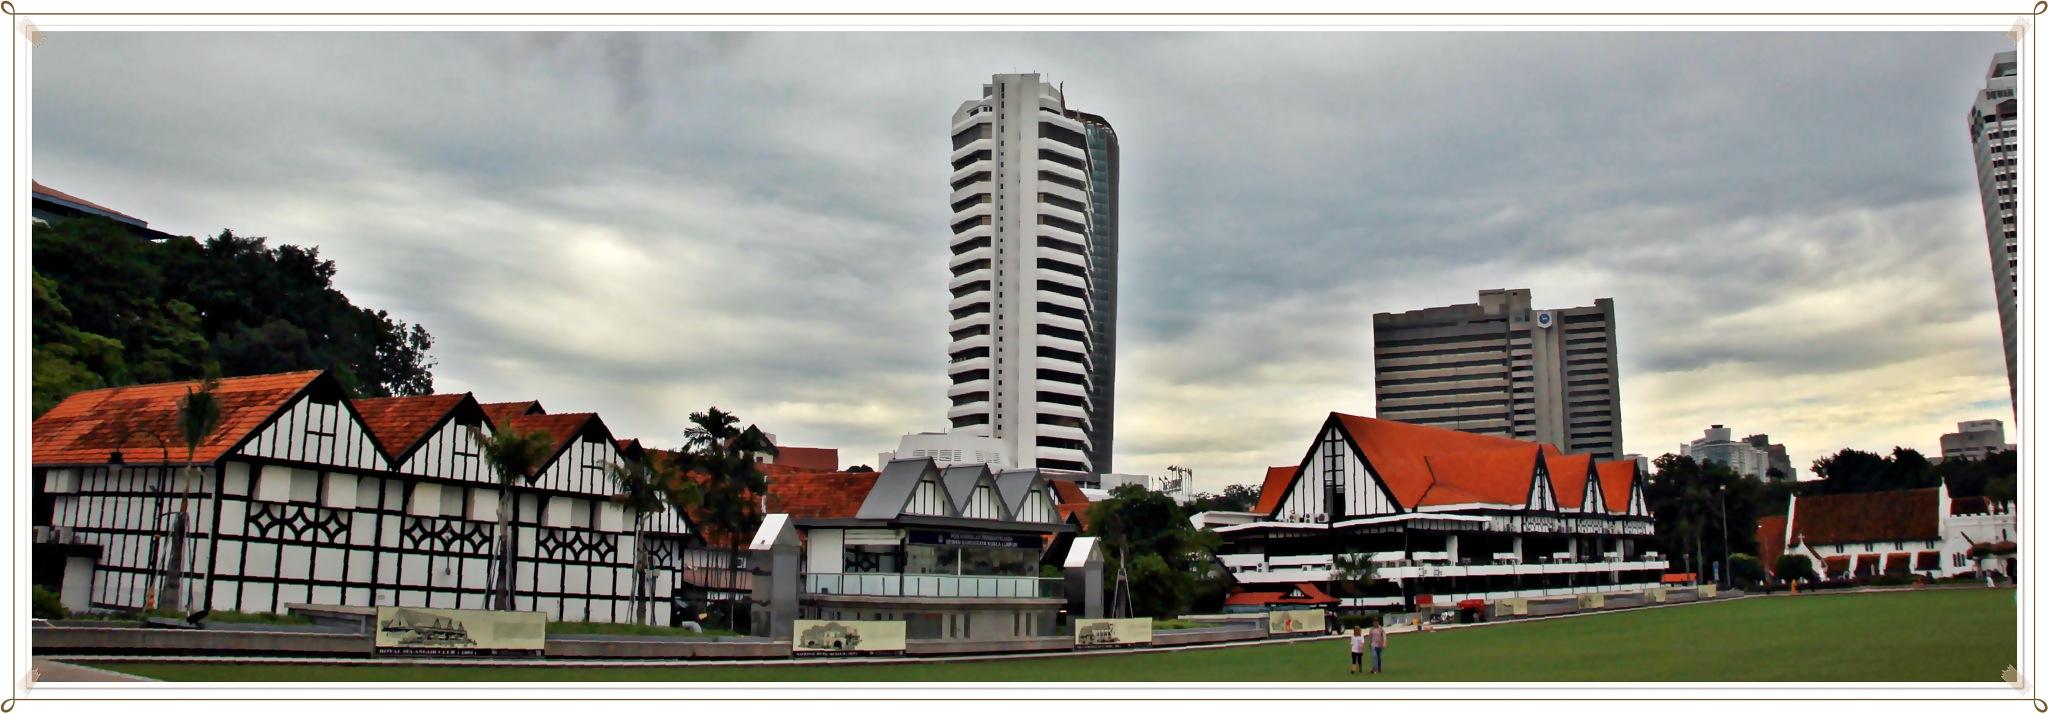 Selangor Royal Club in Kuala Lumpur by fragranceumlee